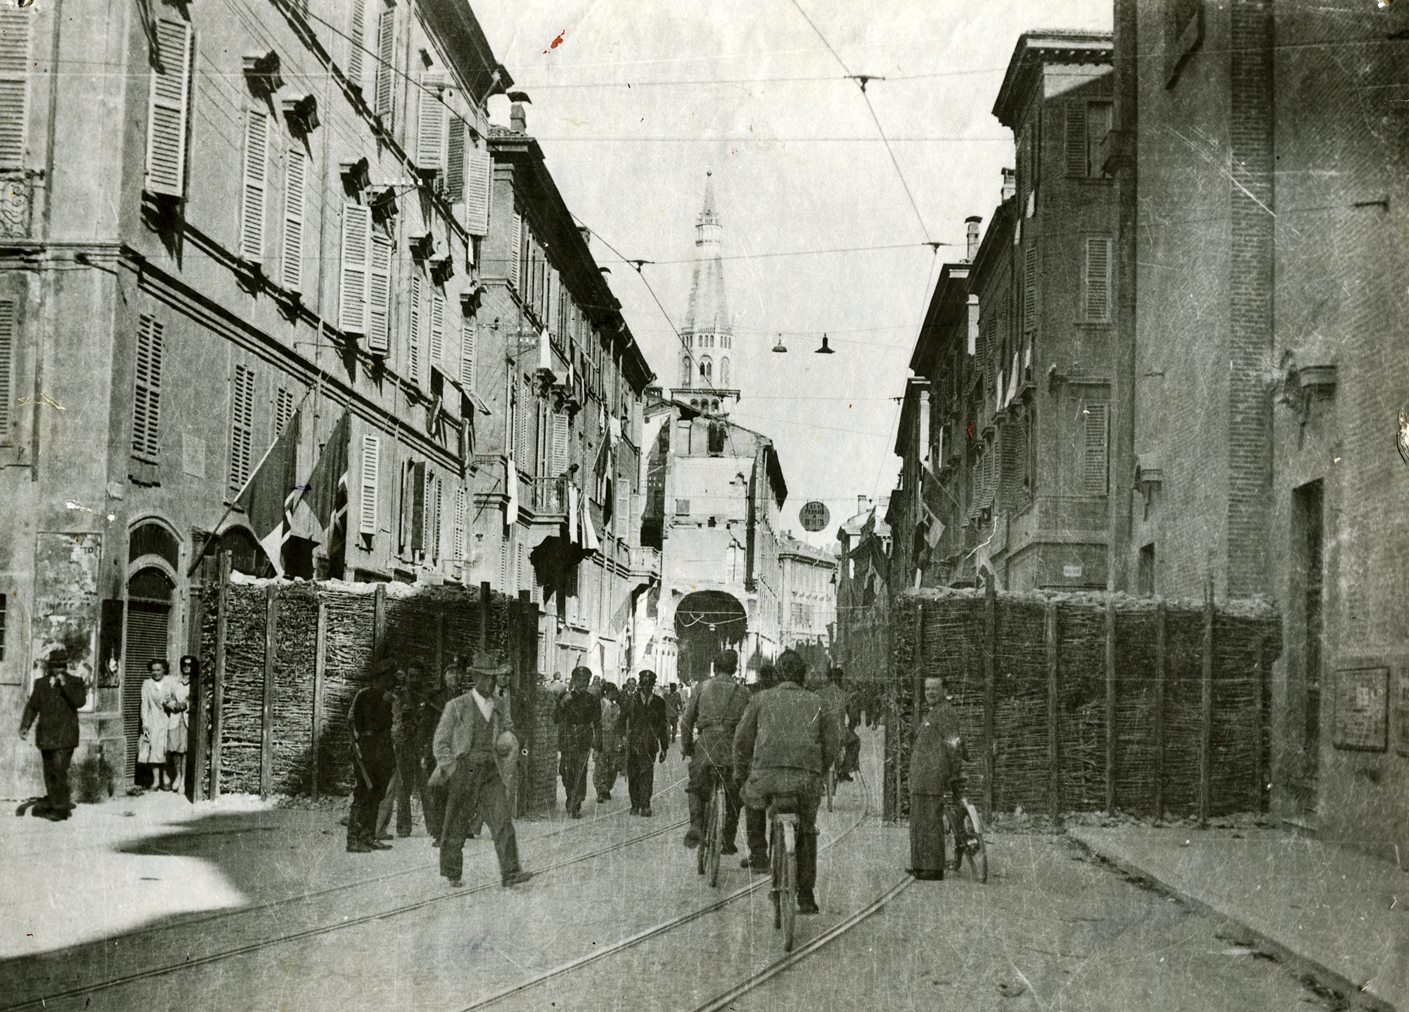 Corso di storia contemporanea - Modena, 22 aprile 1945: nella barricata lungo la via Emilia si apre un varco, poiché i nazisti e i fascisti sono stati cacciati o neutralizzati. La città è finalmente libera. Foto tratta dall'archivio dell'ANPI Modena